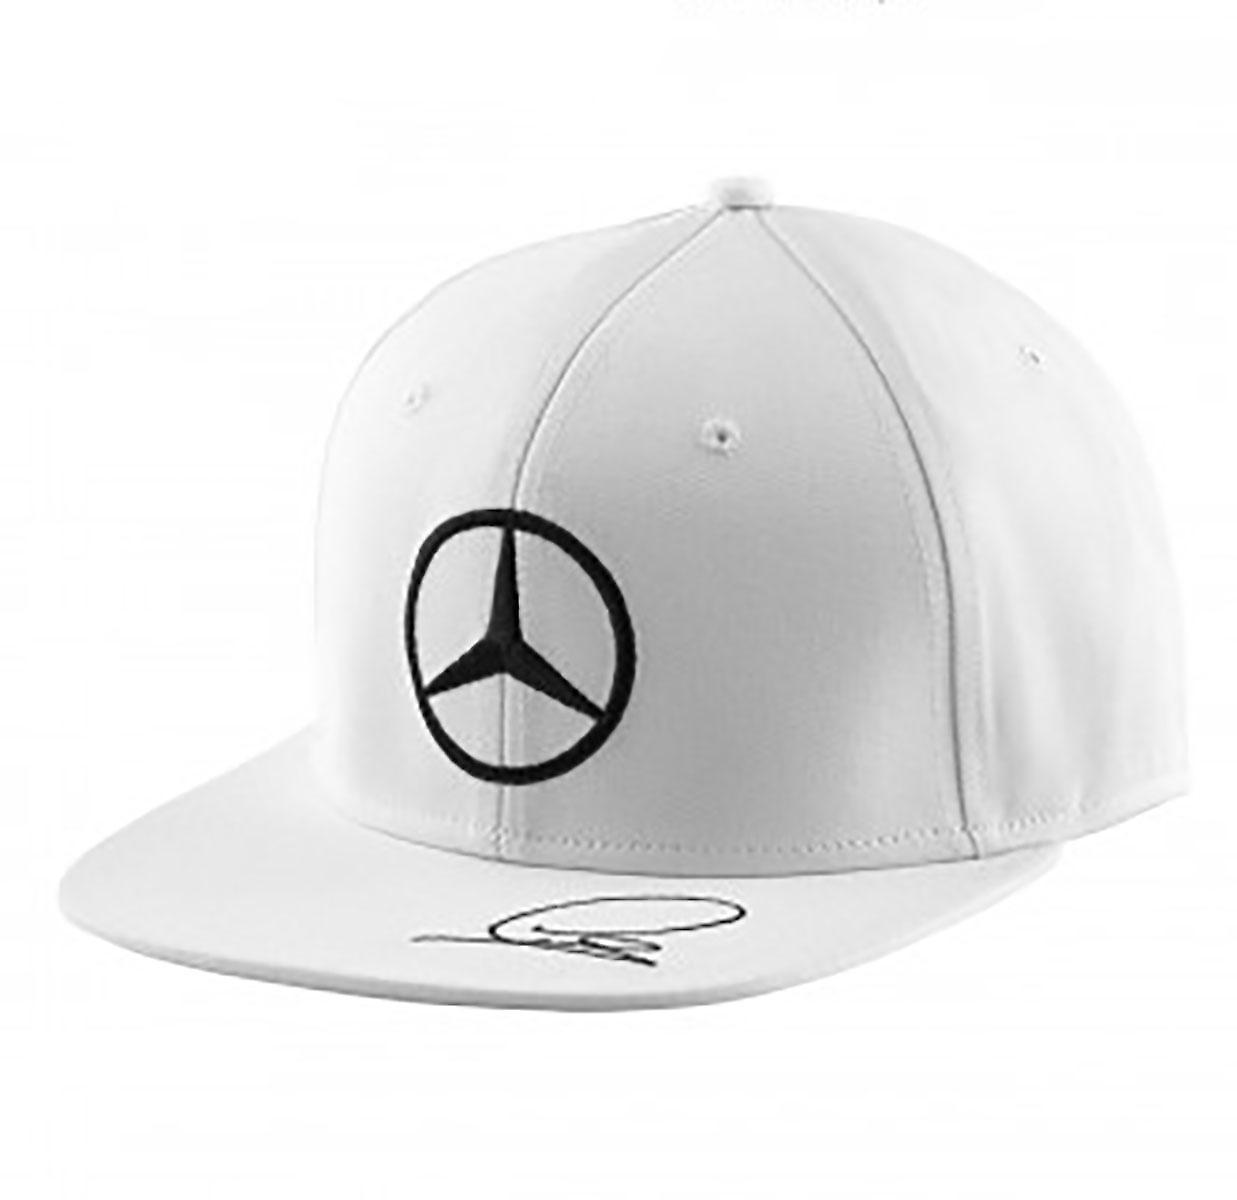 Waooh - lewis hamilton mercedes Mercedes Cap